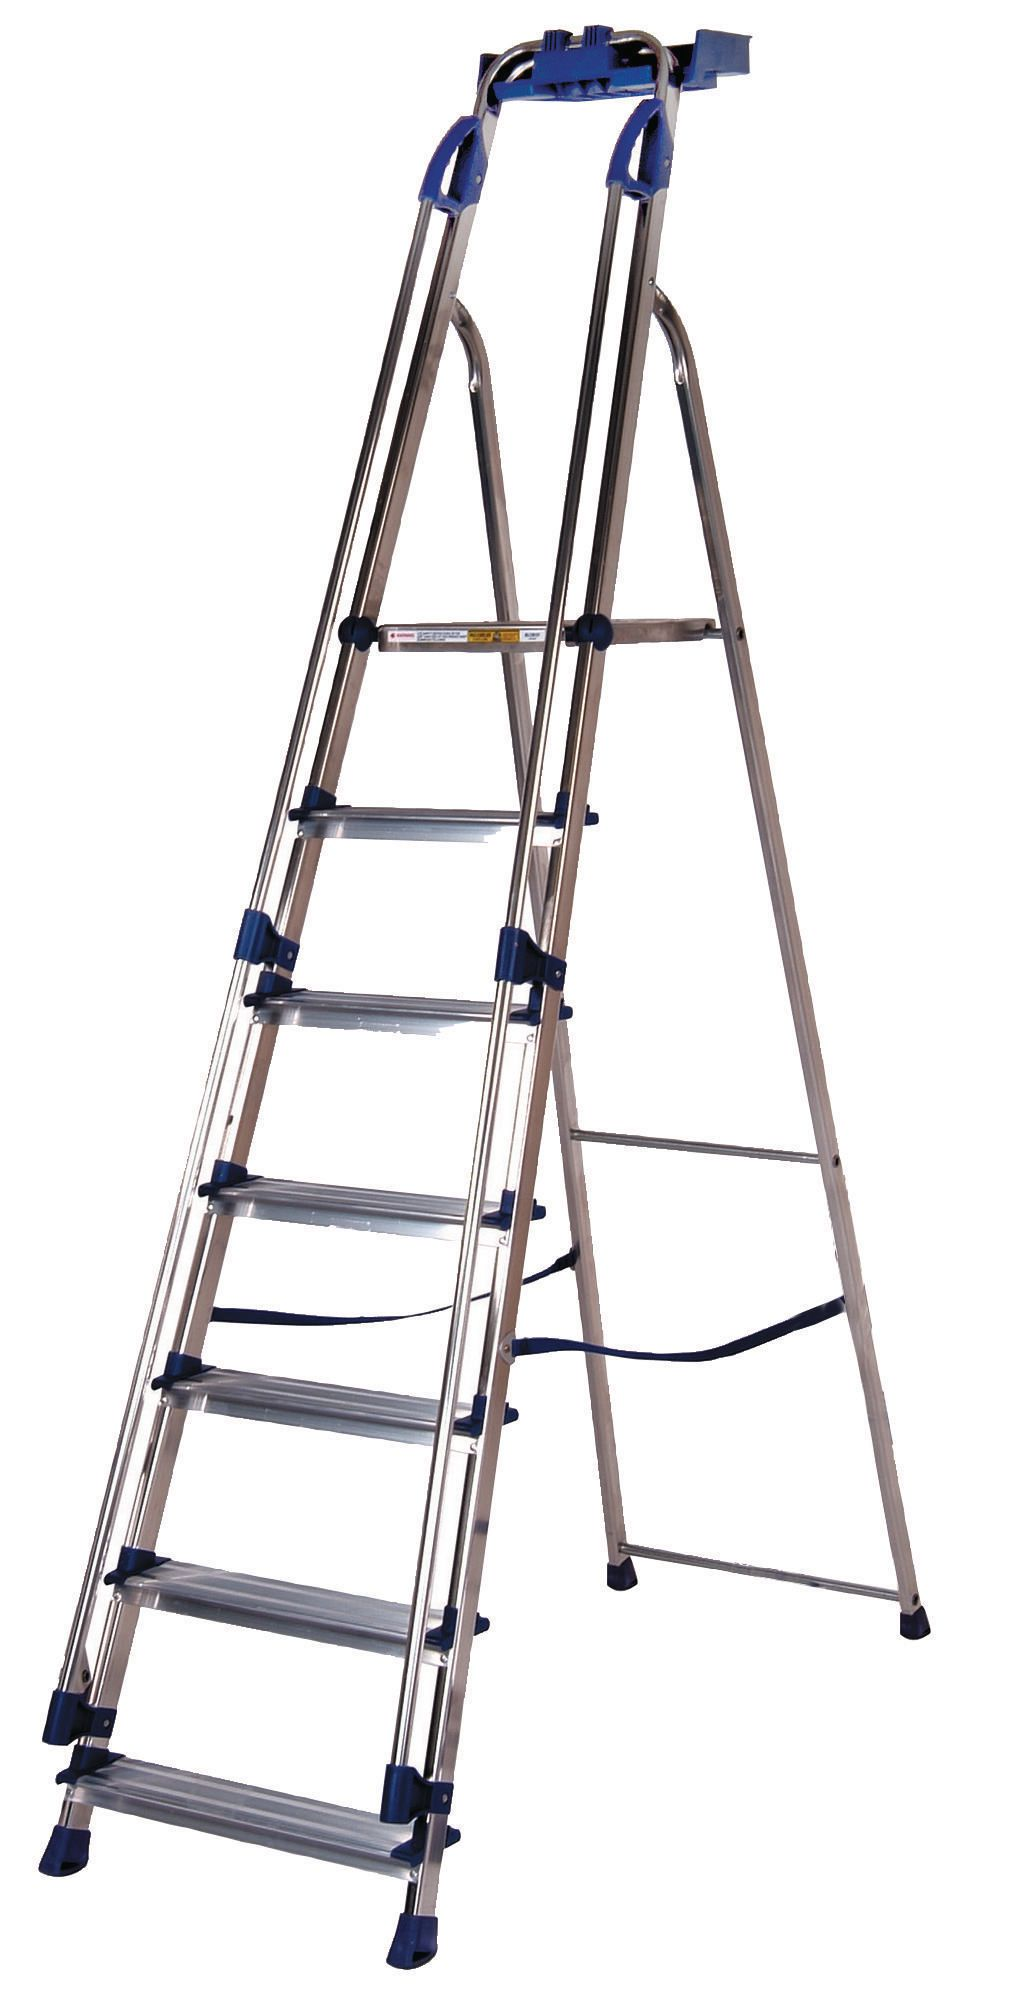 Ladder 7 Steps Blue Seal Capacity 150kg